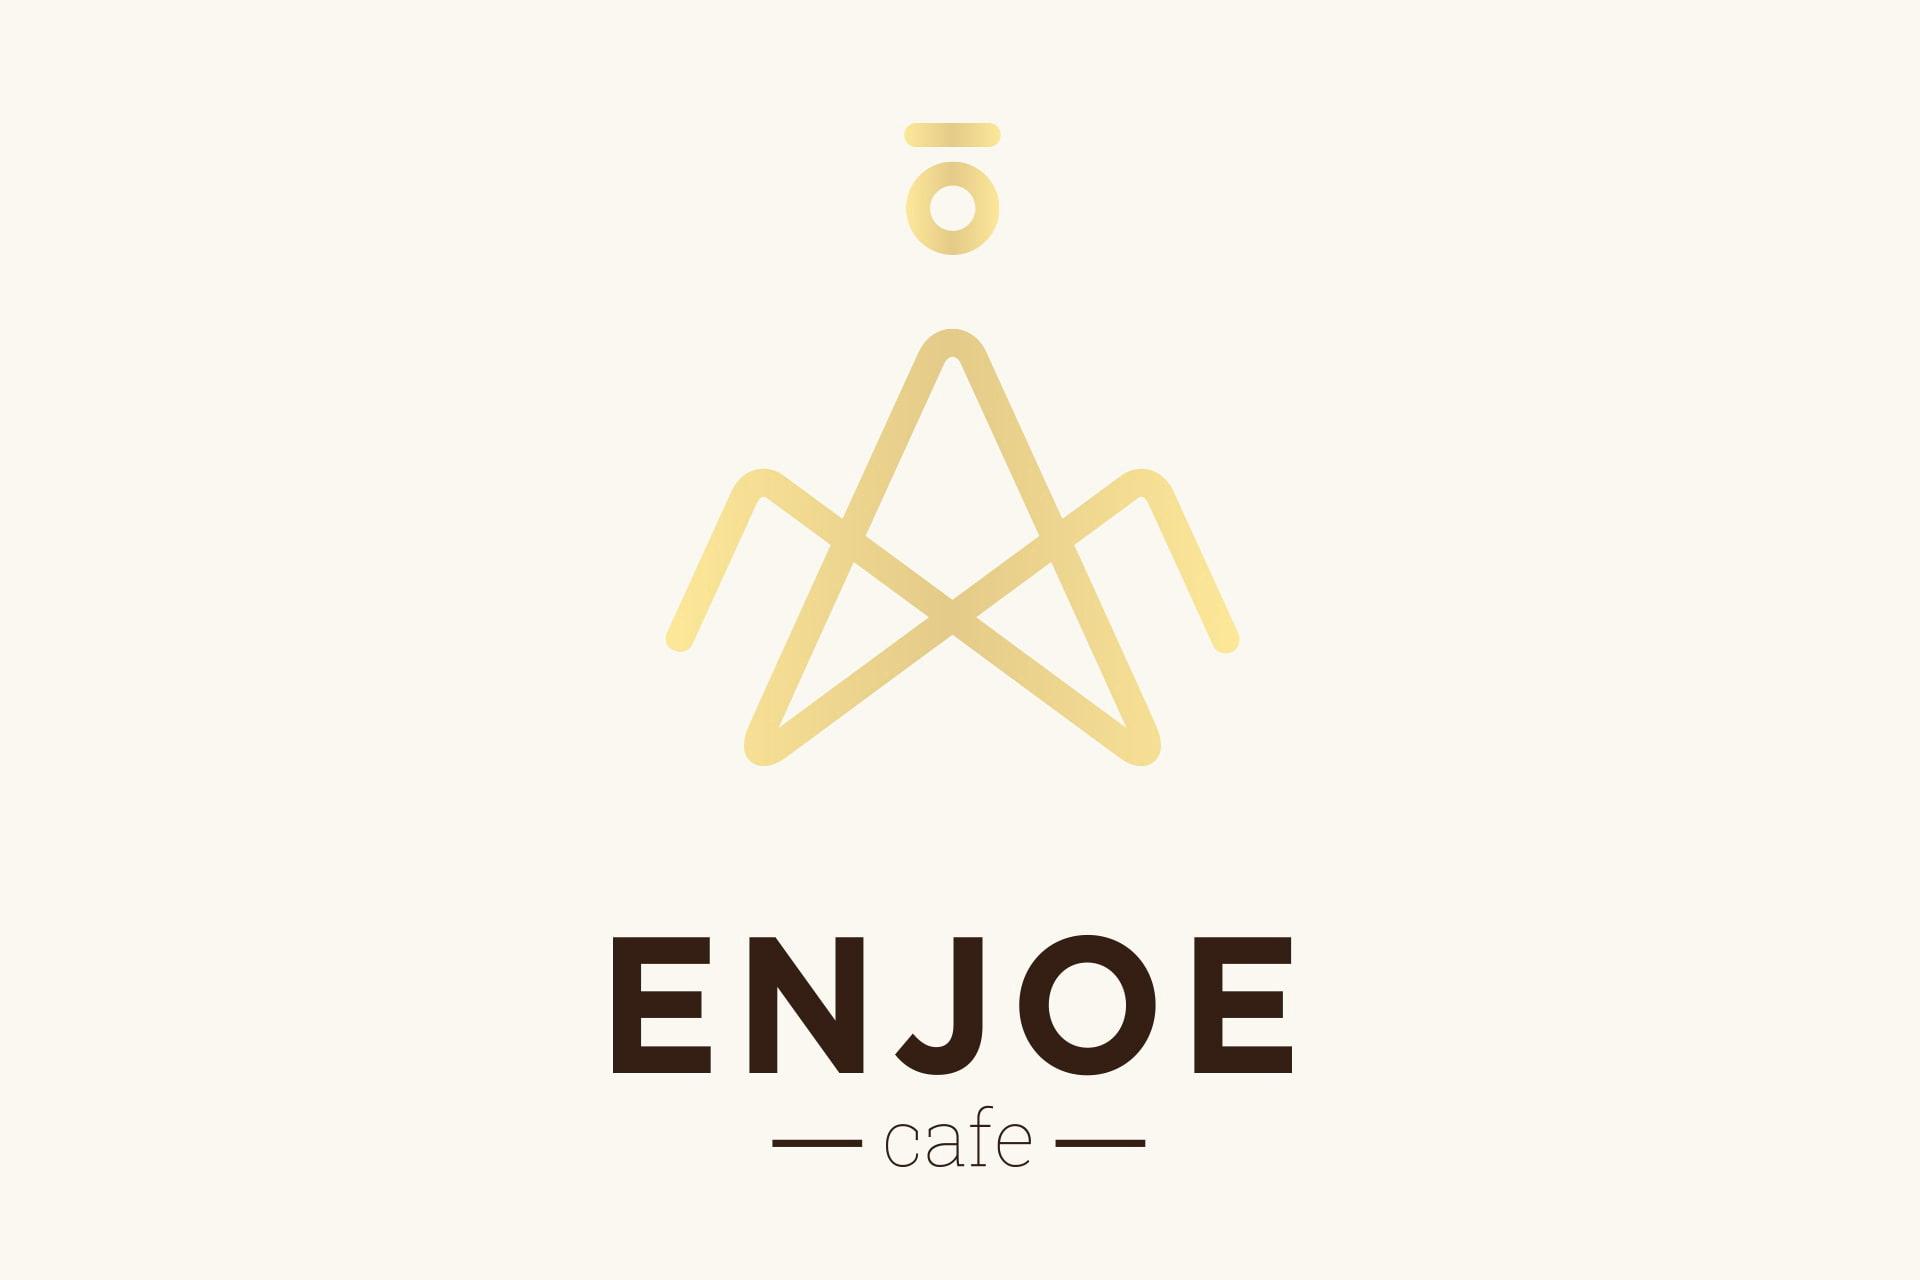 logotipo cafeteria